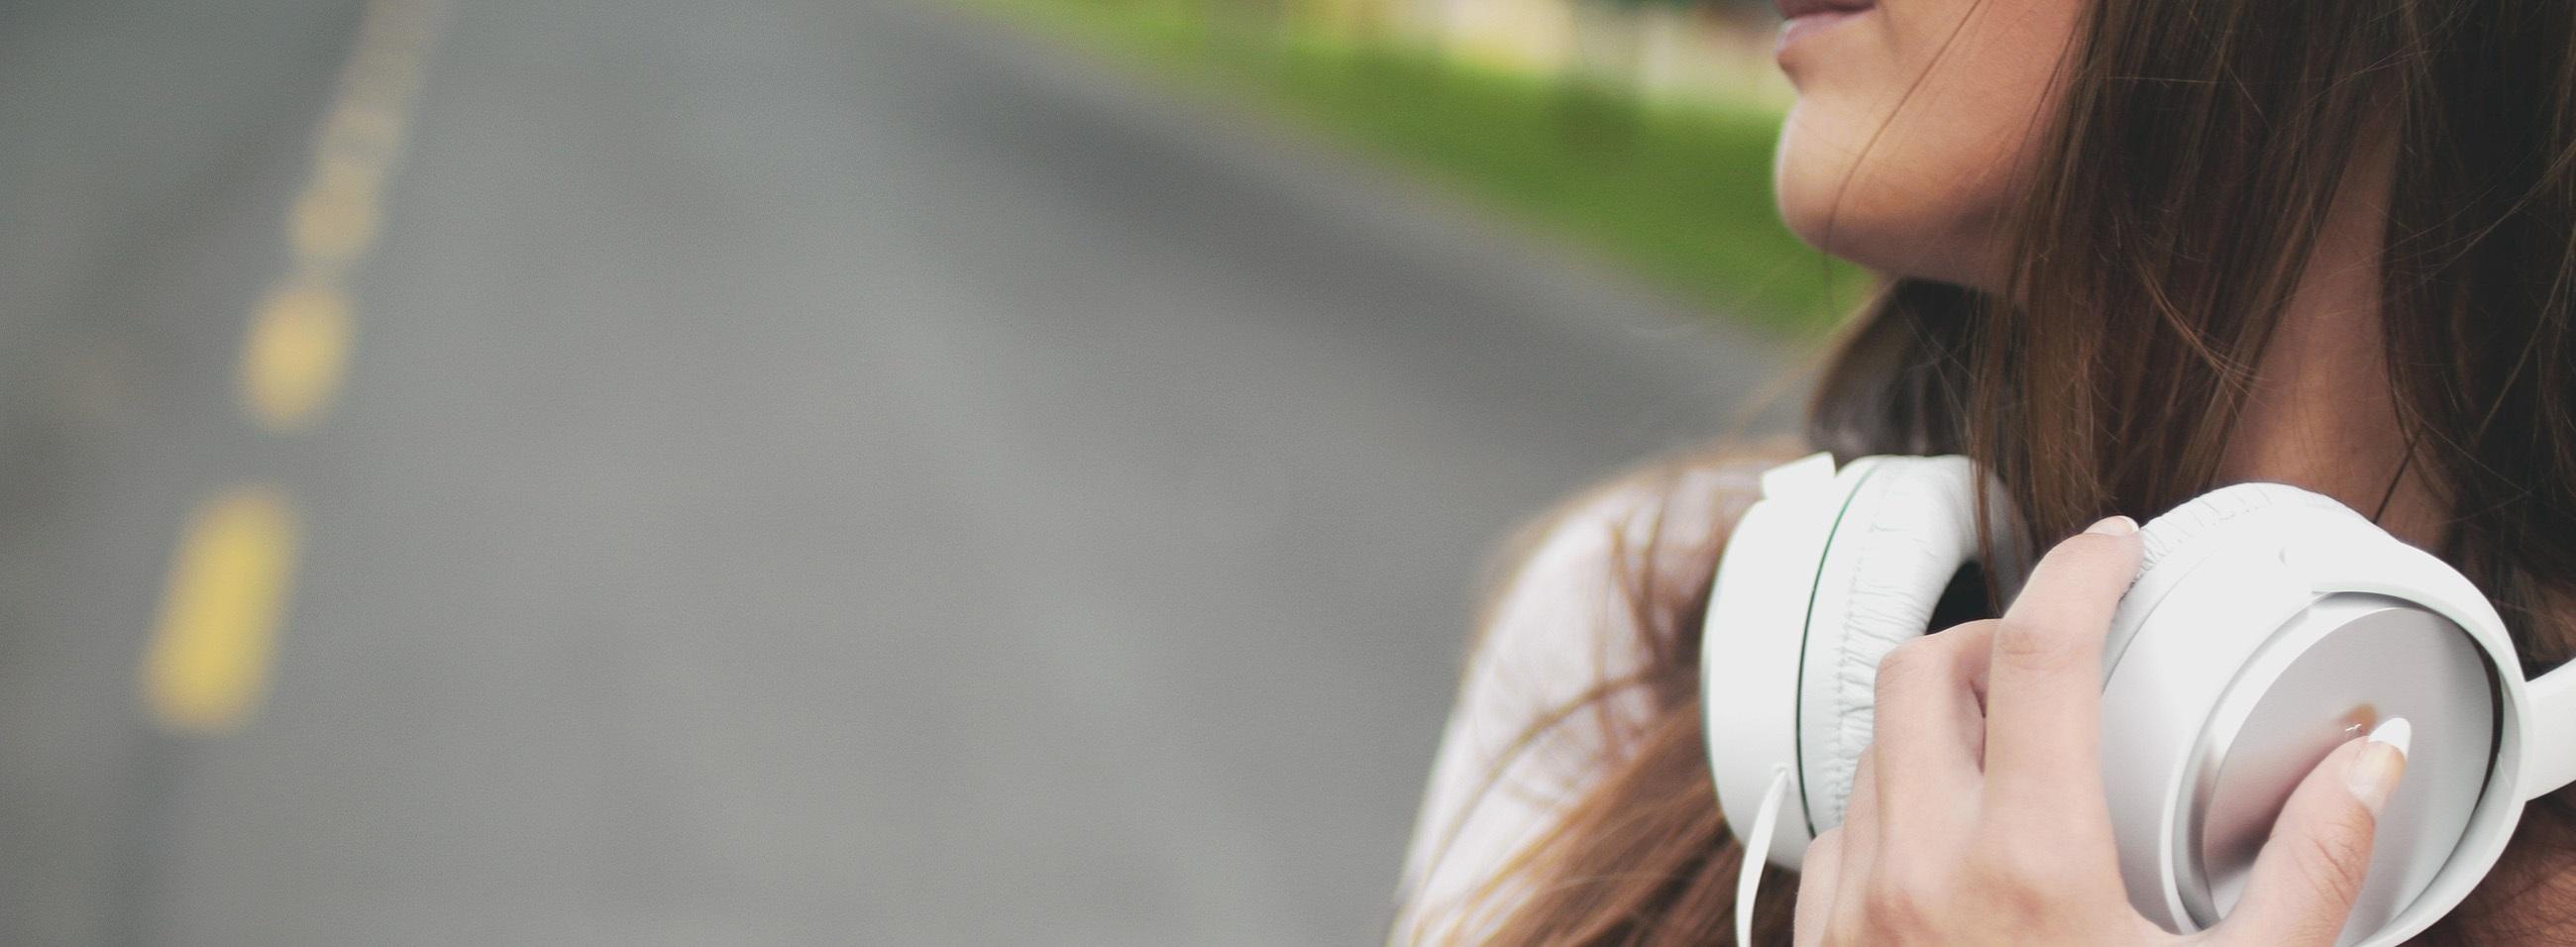 teen on road